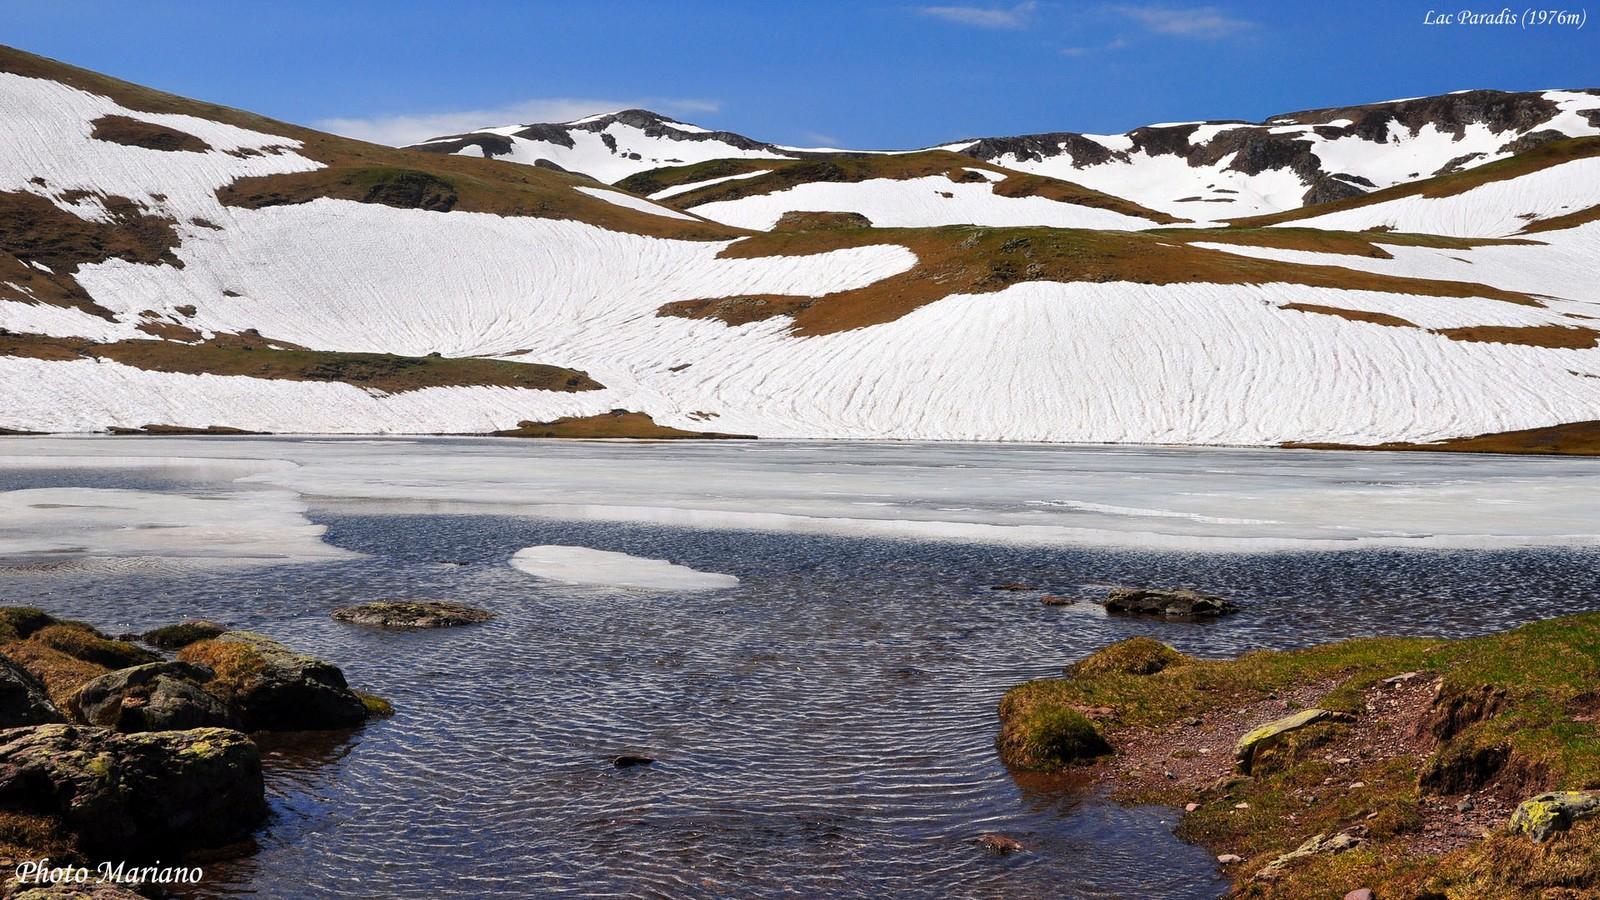 Les-Lacs-des-Pyrenees_093